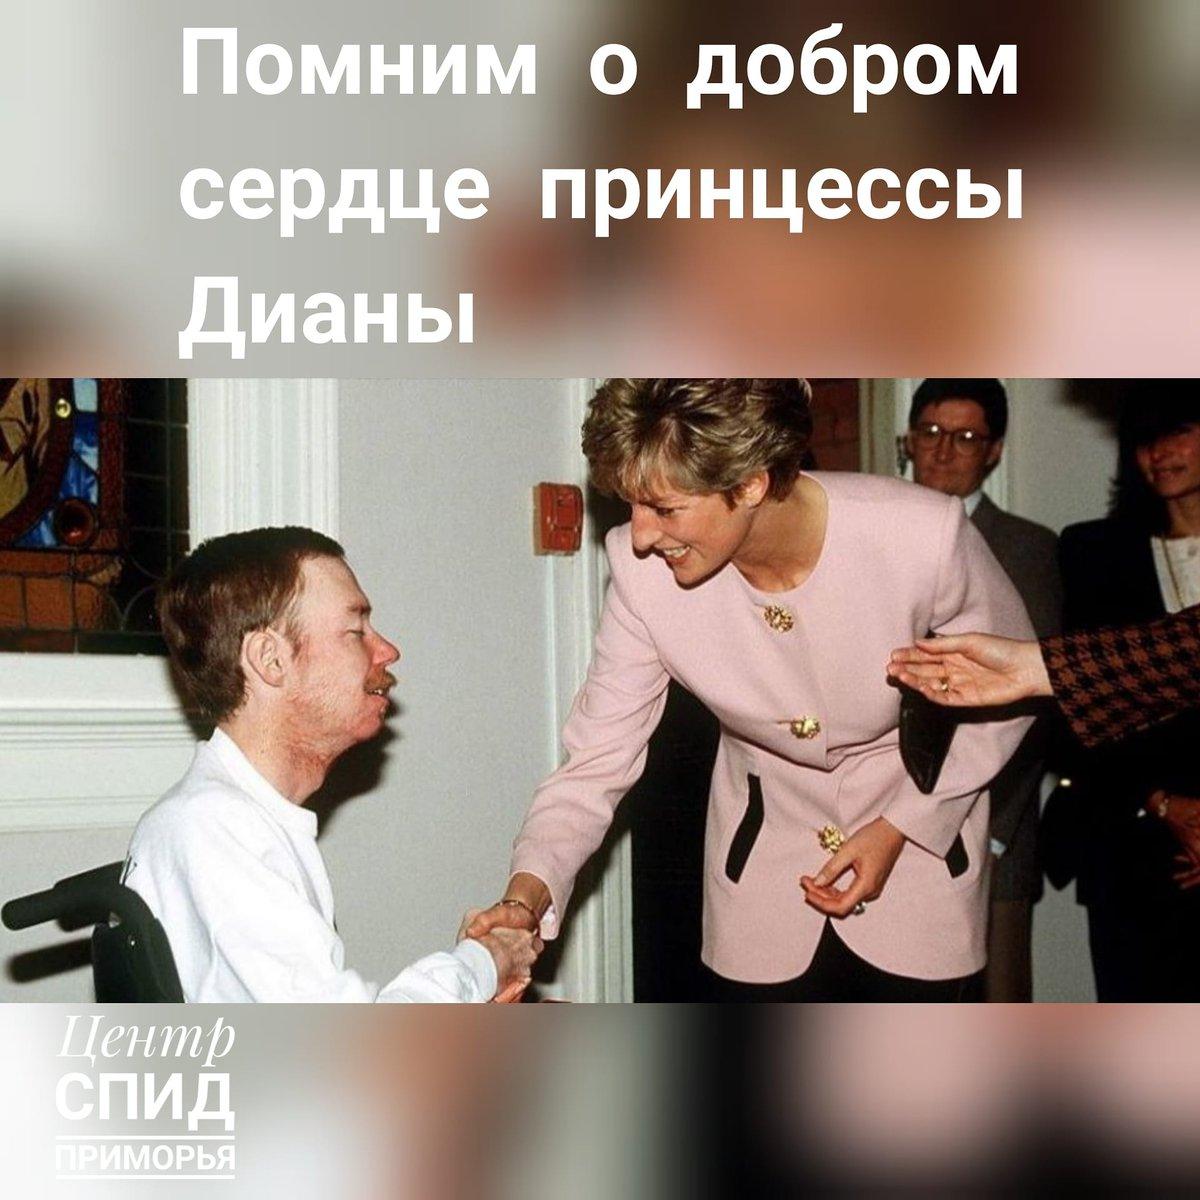 1 июля принцессе Диане исполнилось бы 58 лет.  Вся жизнь Дианы была связана с благотворительностью.  #ЦентрСПИДПриморья #ВИЧ #Приморье #Владивосток #Уссурийск #Находка #Артём #здороваянация #профилактика #909090 #ледиДи https://www.instagram.com/p/CCF4eGjBZBO/?igshid=19v3i7pneurka…pic.twitter.com/VmW3wcACIn